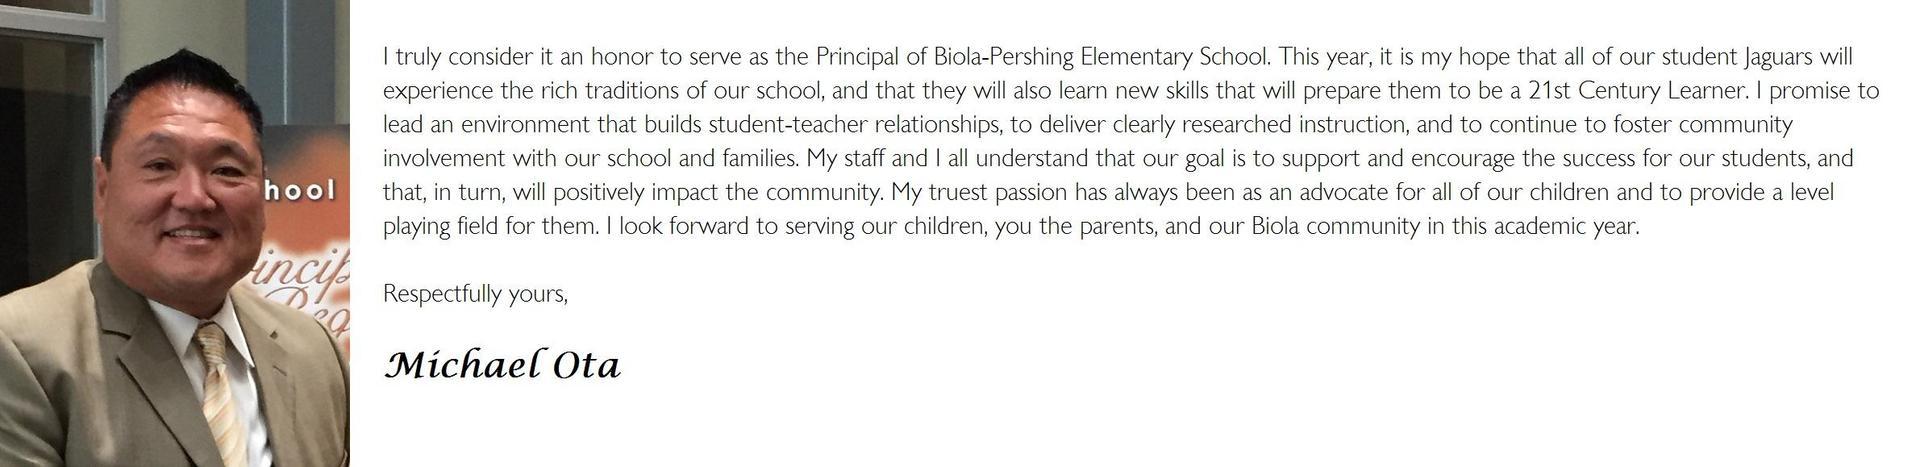 Mr. Ota's Principal Message